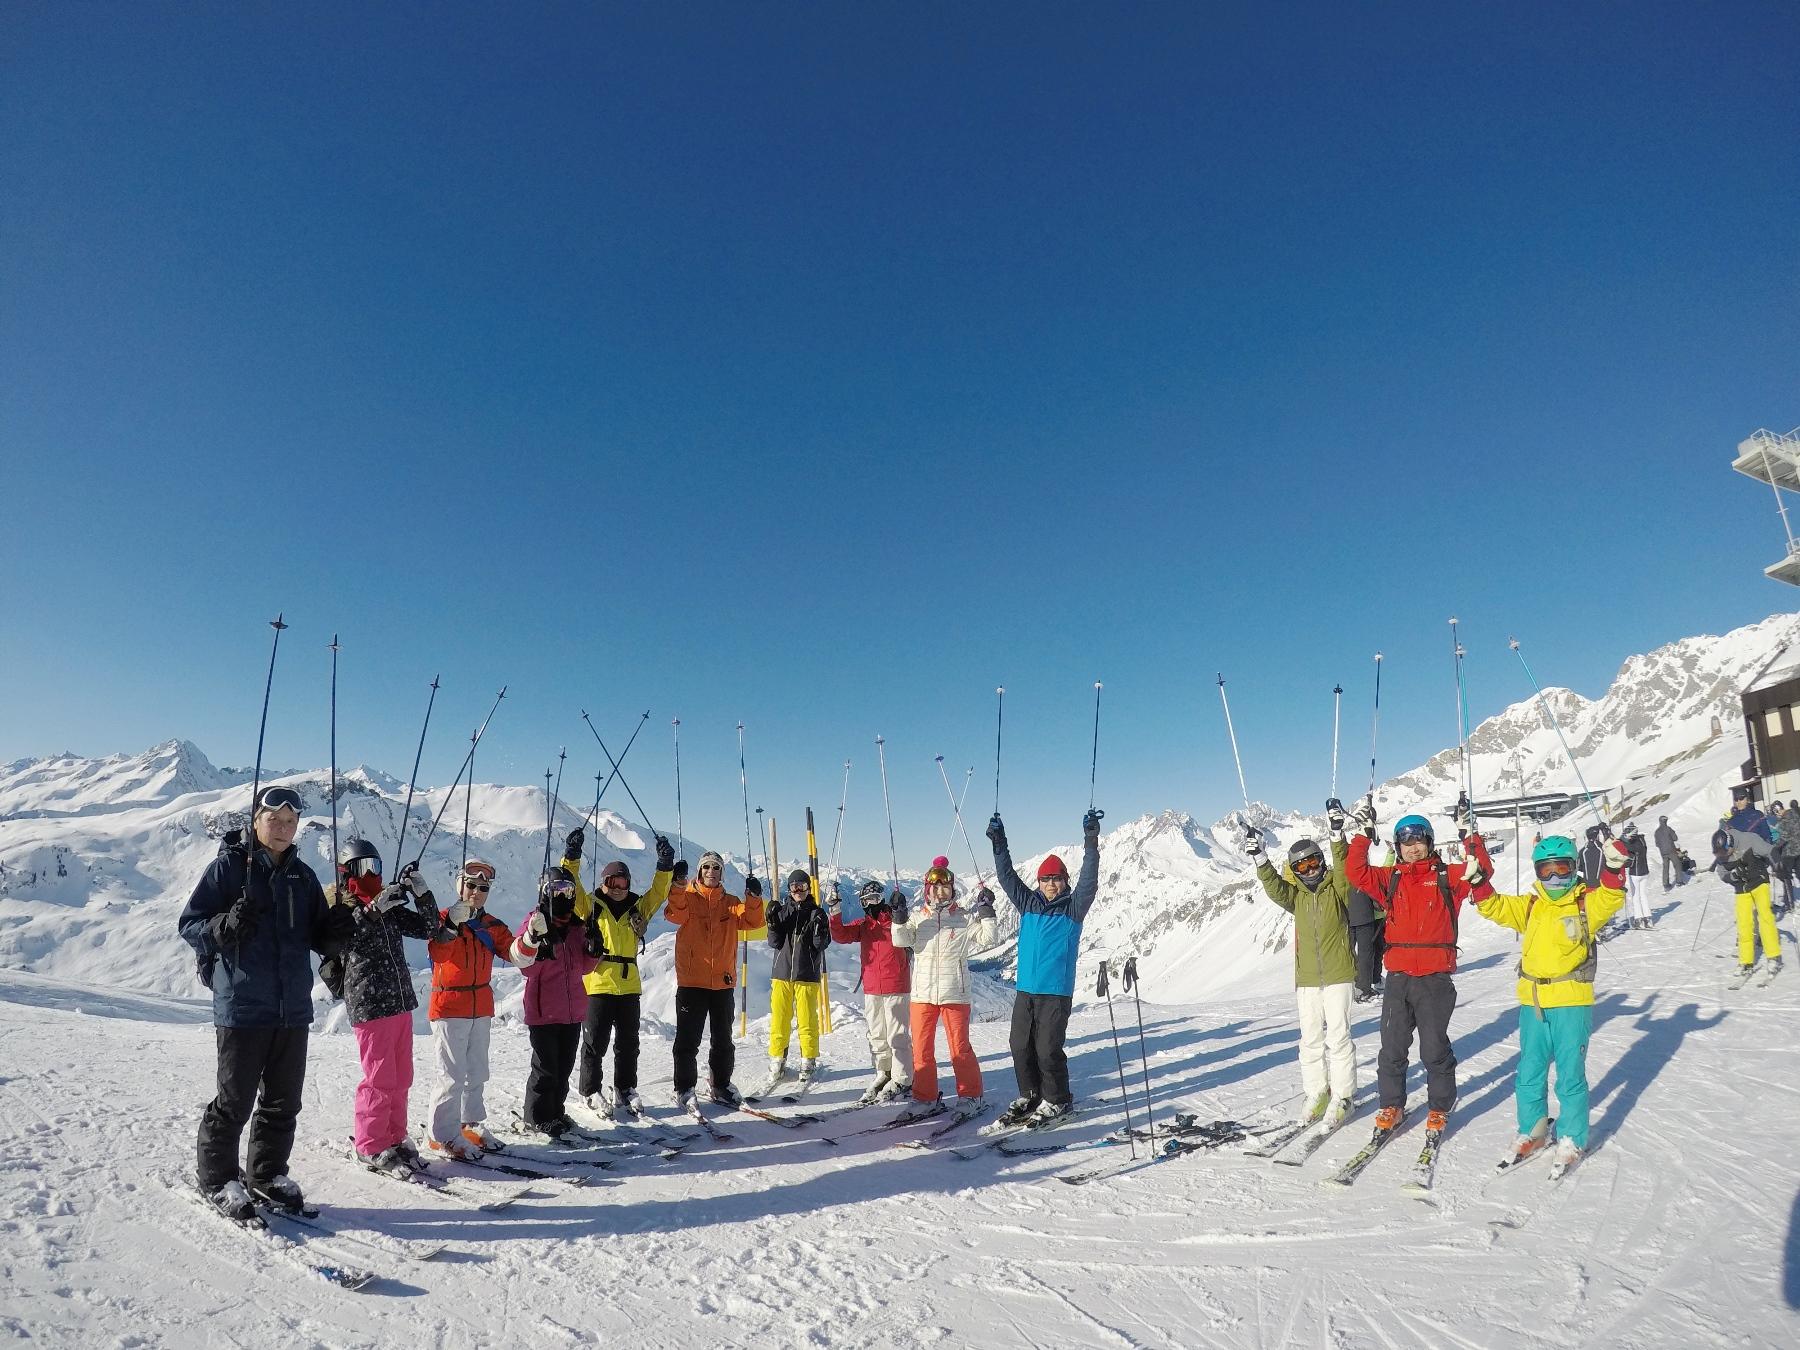 オーストリア・レッヒ・スキー 8日間